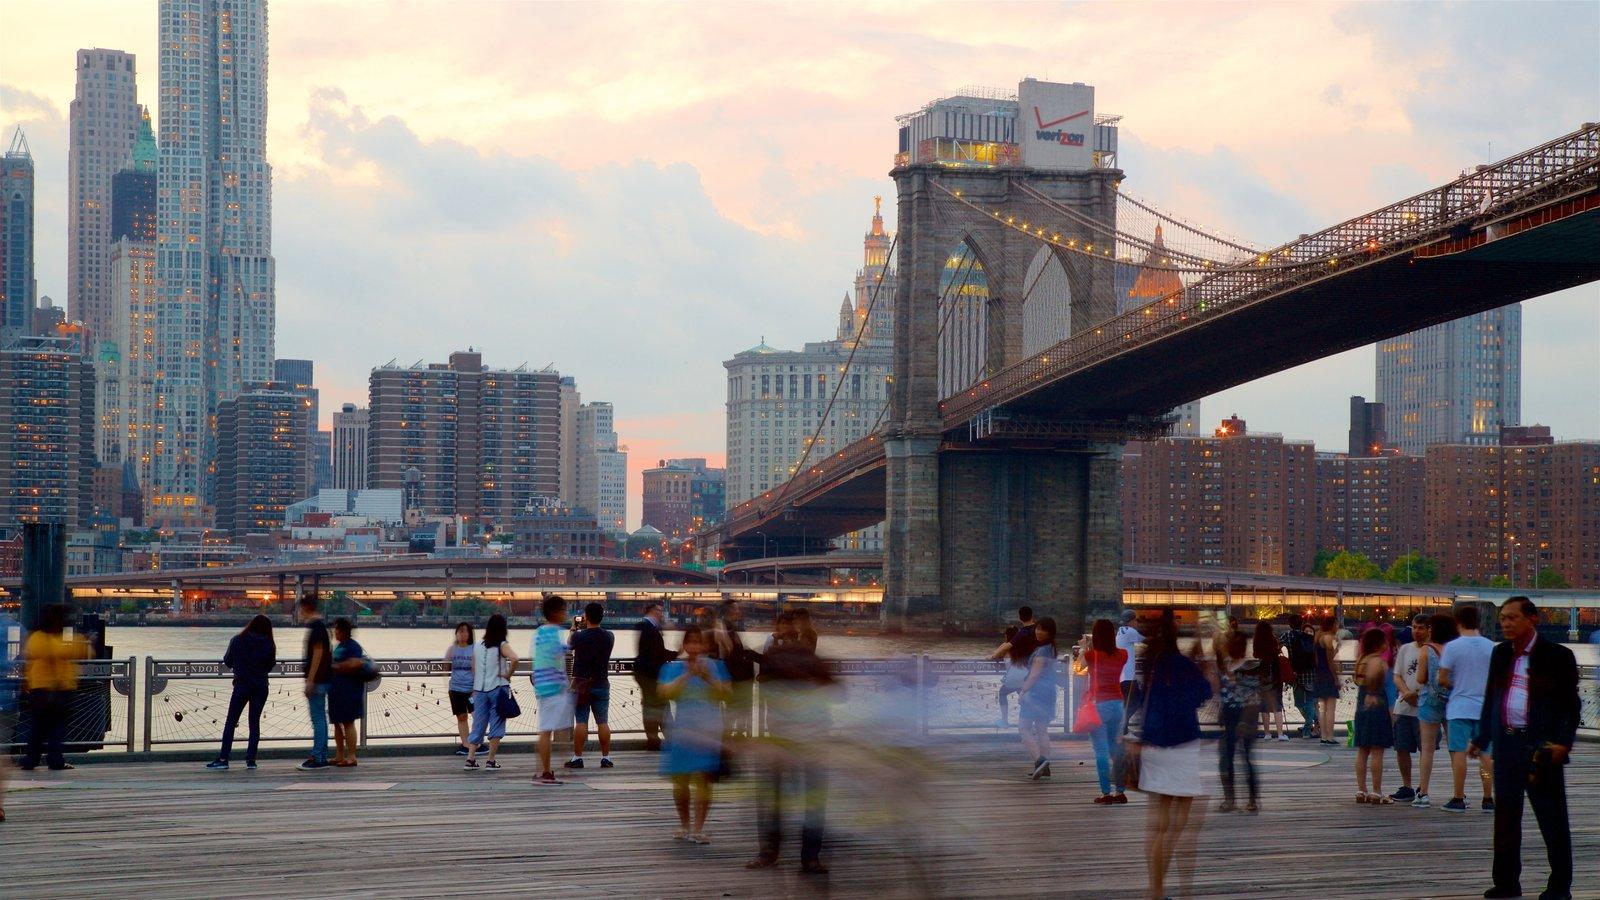 Brooklyn Heights Promenade que inclui um pôr do sol, um rio ou córrego e uma cidade